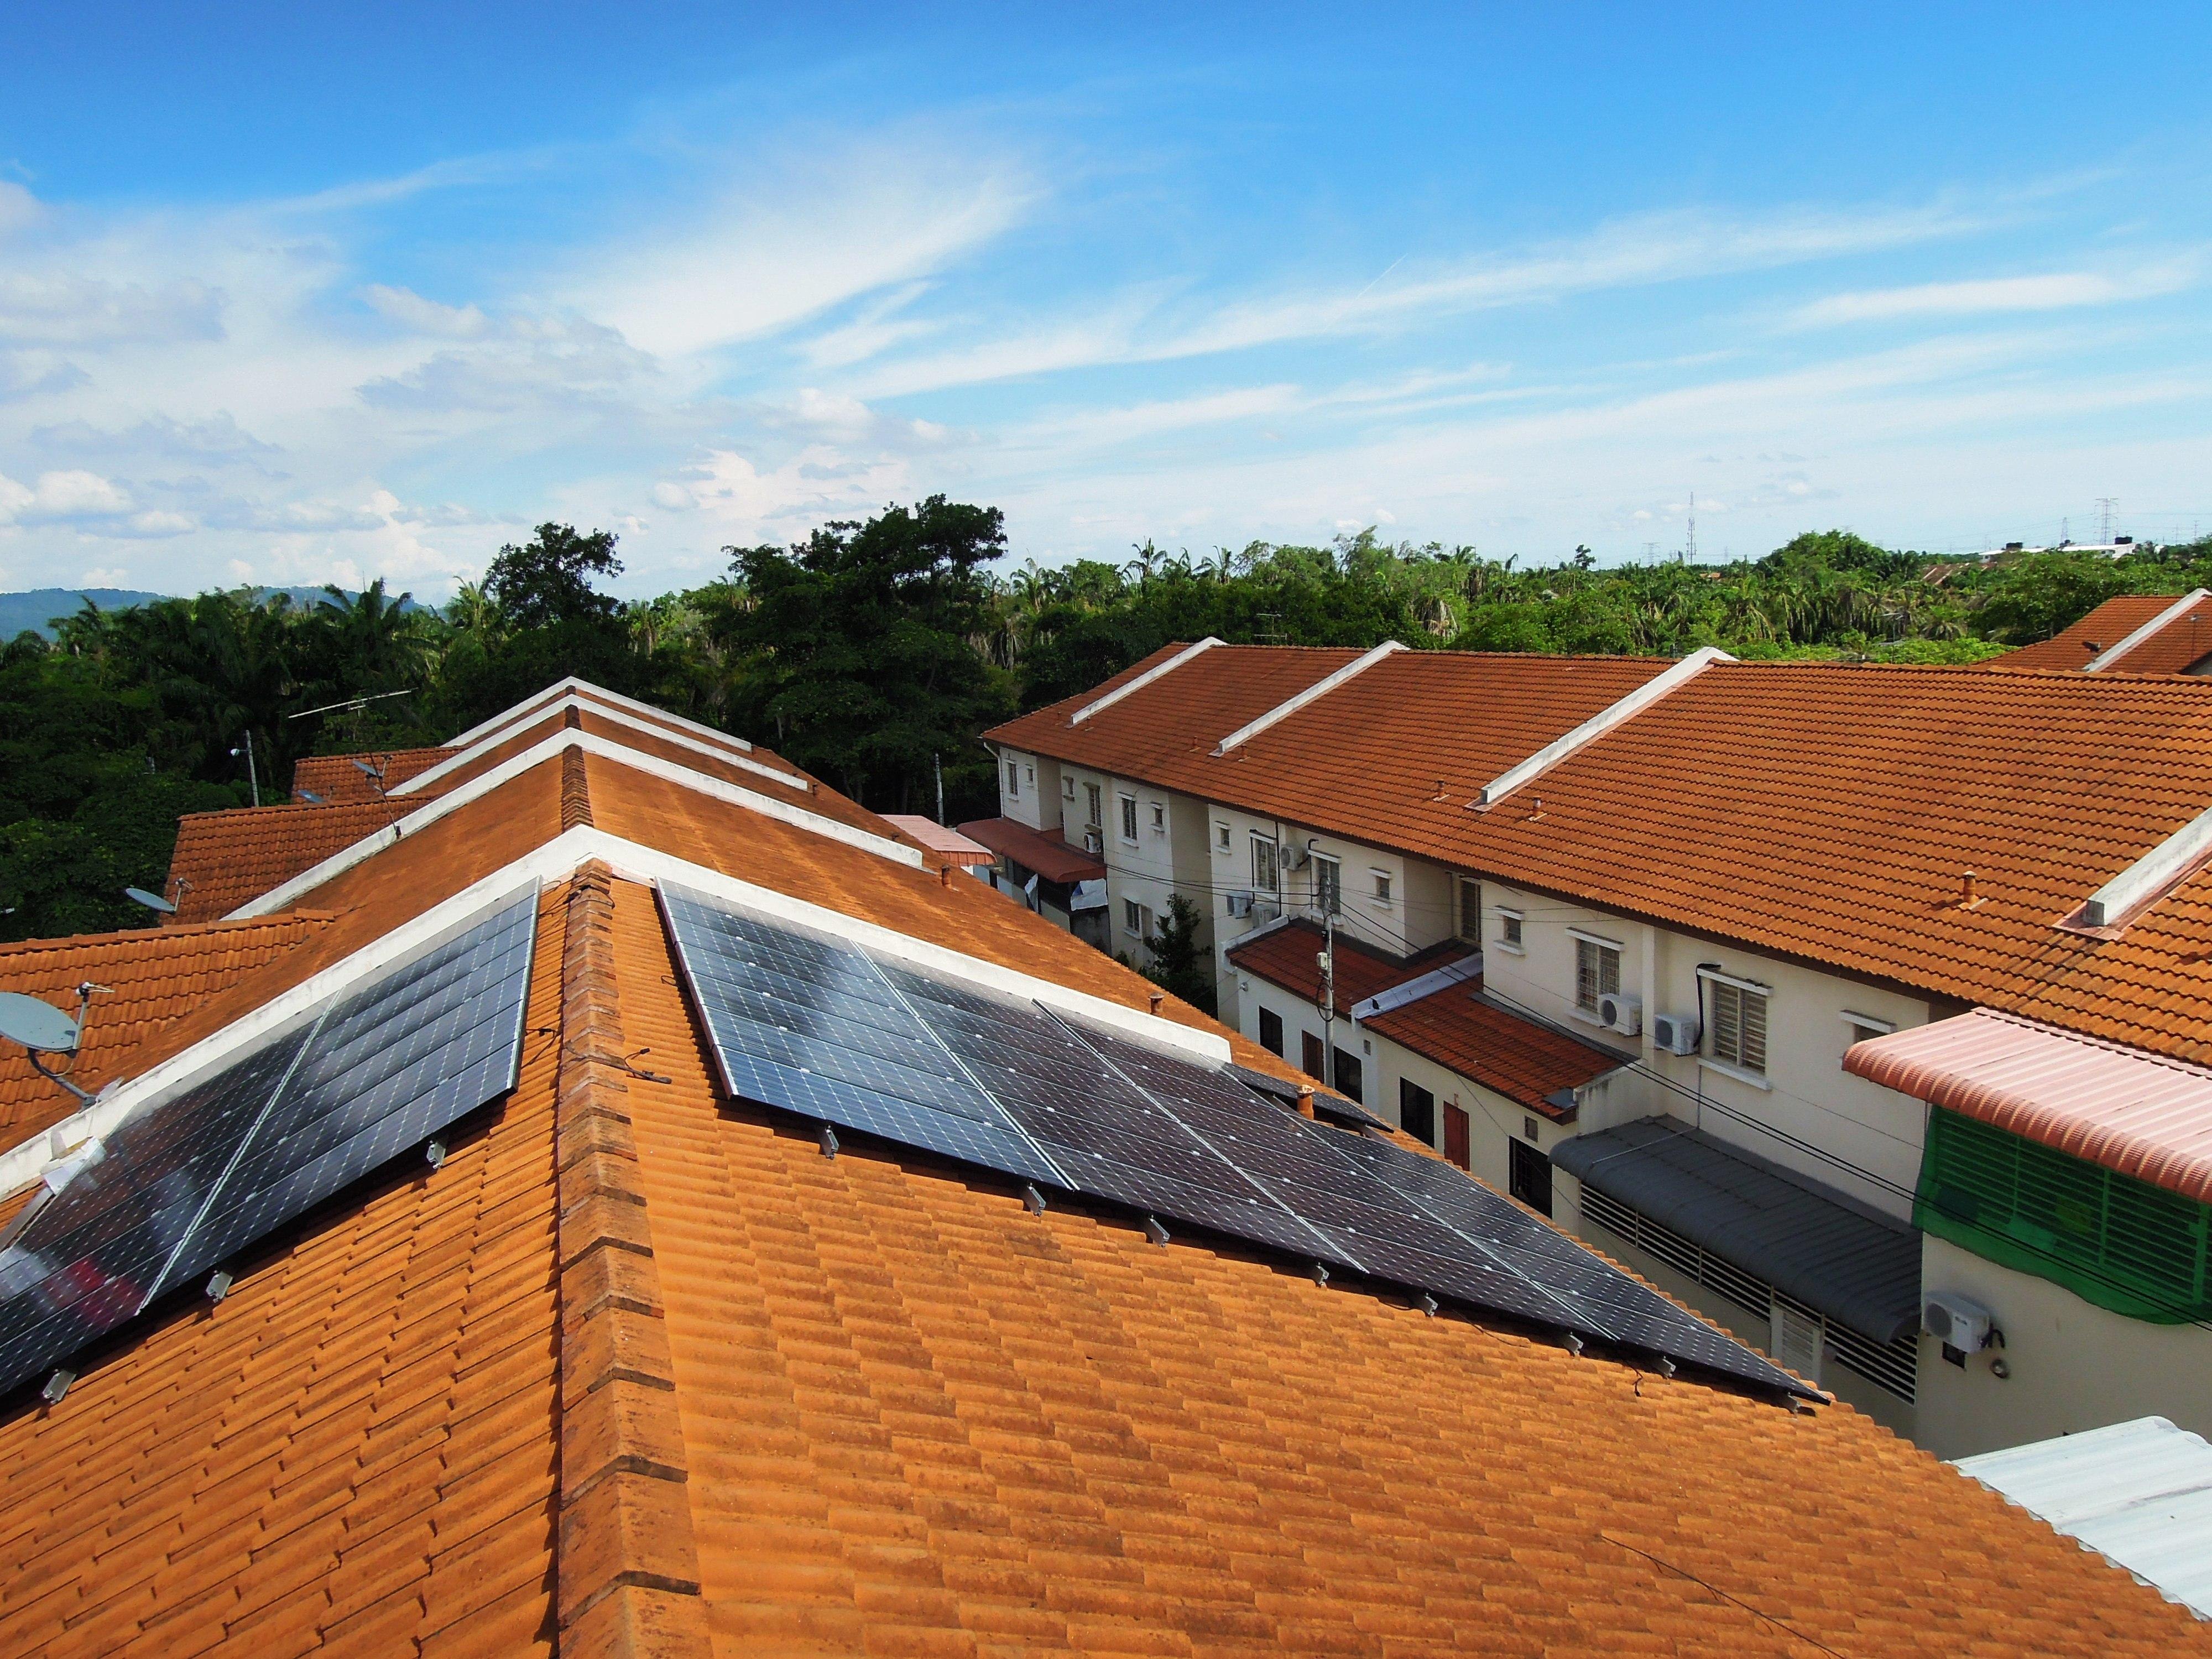 Solar Roof Residential Bukit Mertajam Penang 12kW